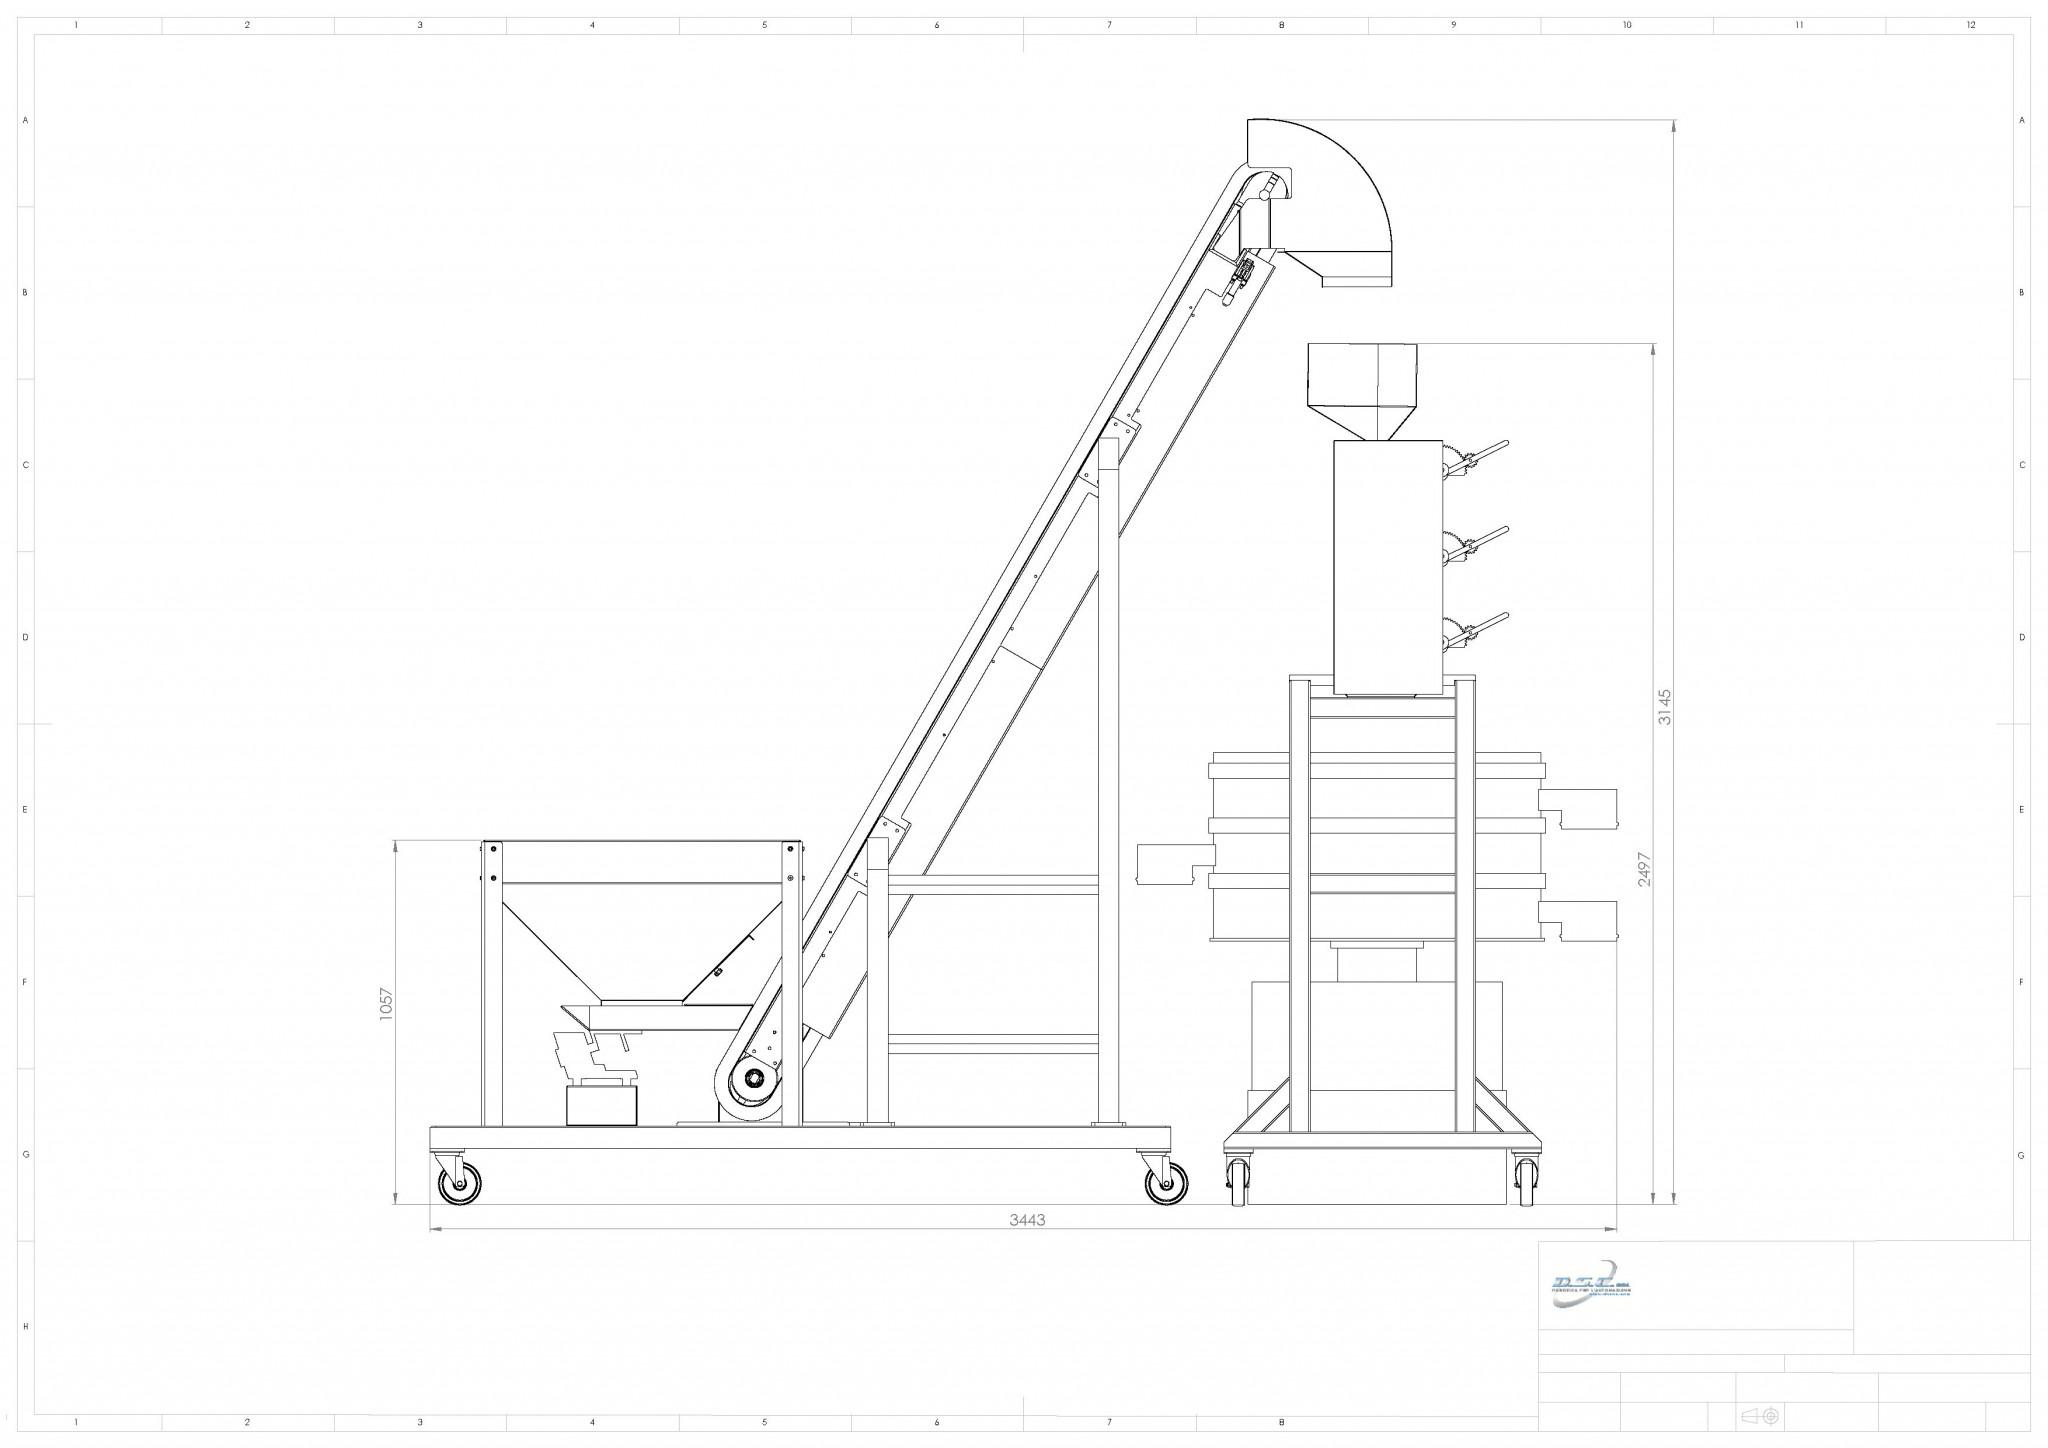 TR450 3T elevatore setaccio cicolare 900mm